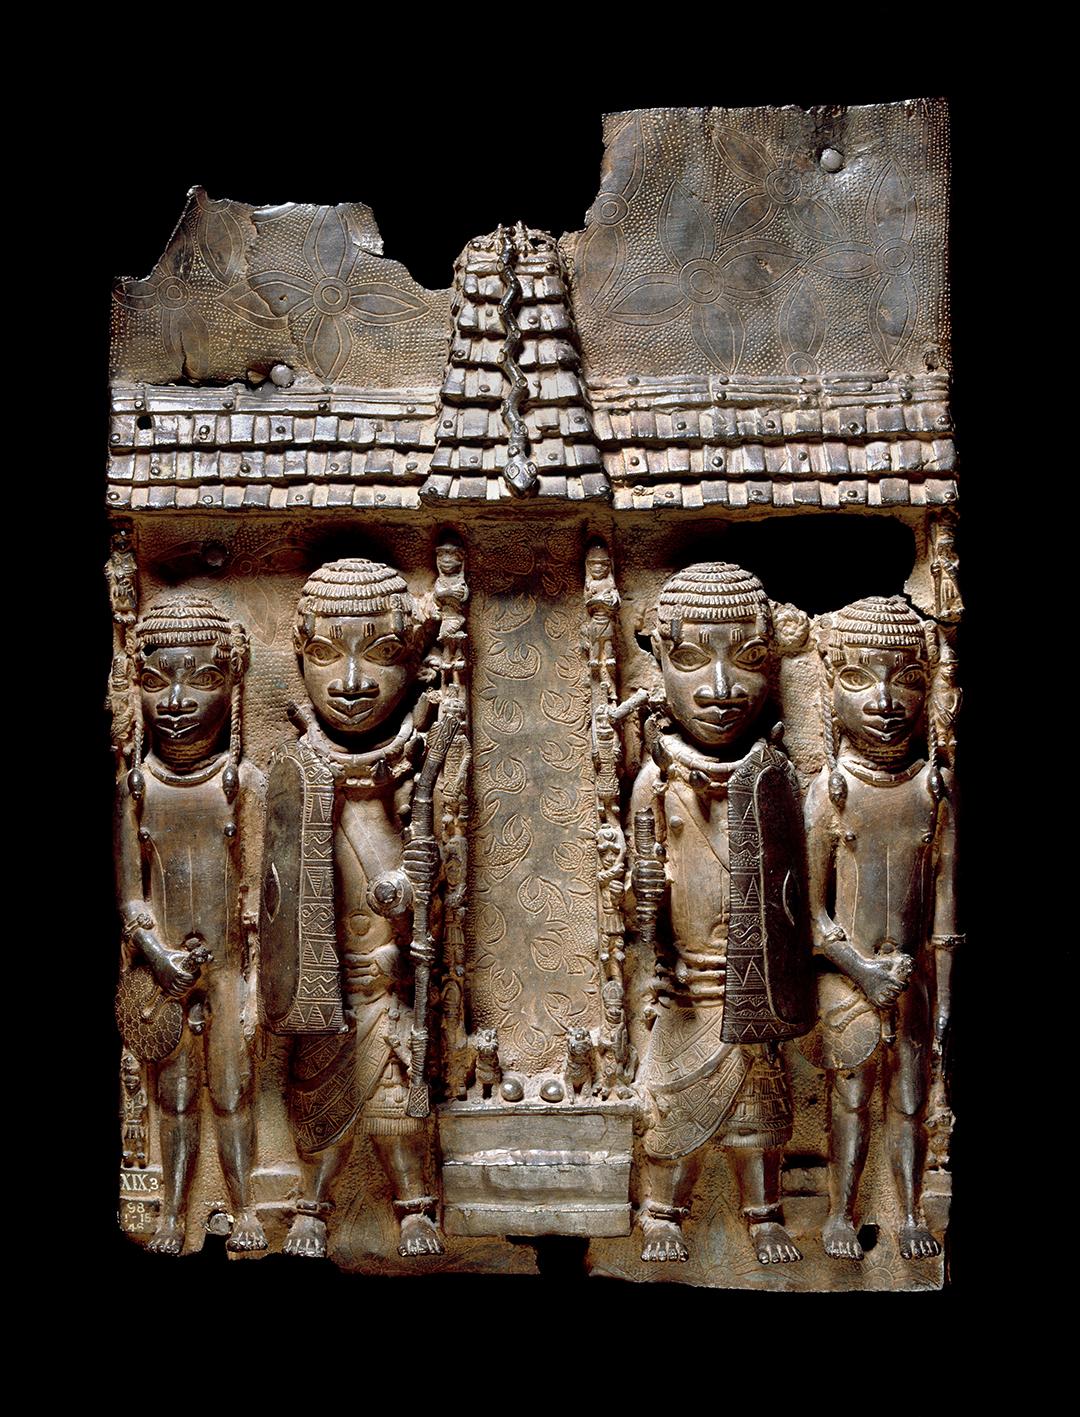 Le British Museum détient encore à ce jour quelque 900 objets issus de ces pillages (ici, une plaque datant du XVI ou XVIIe siècle)